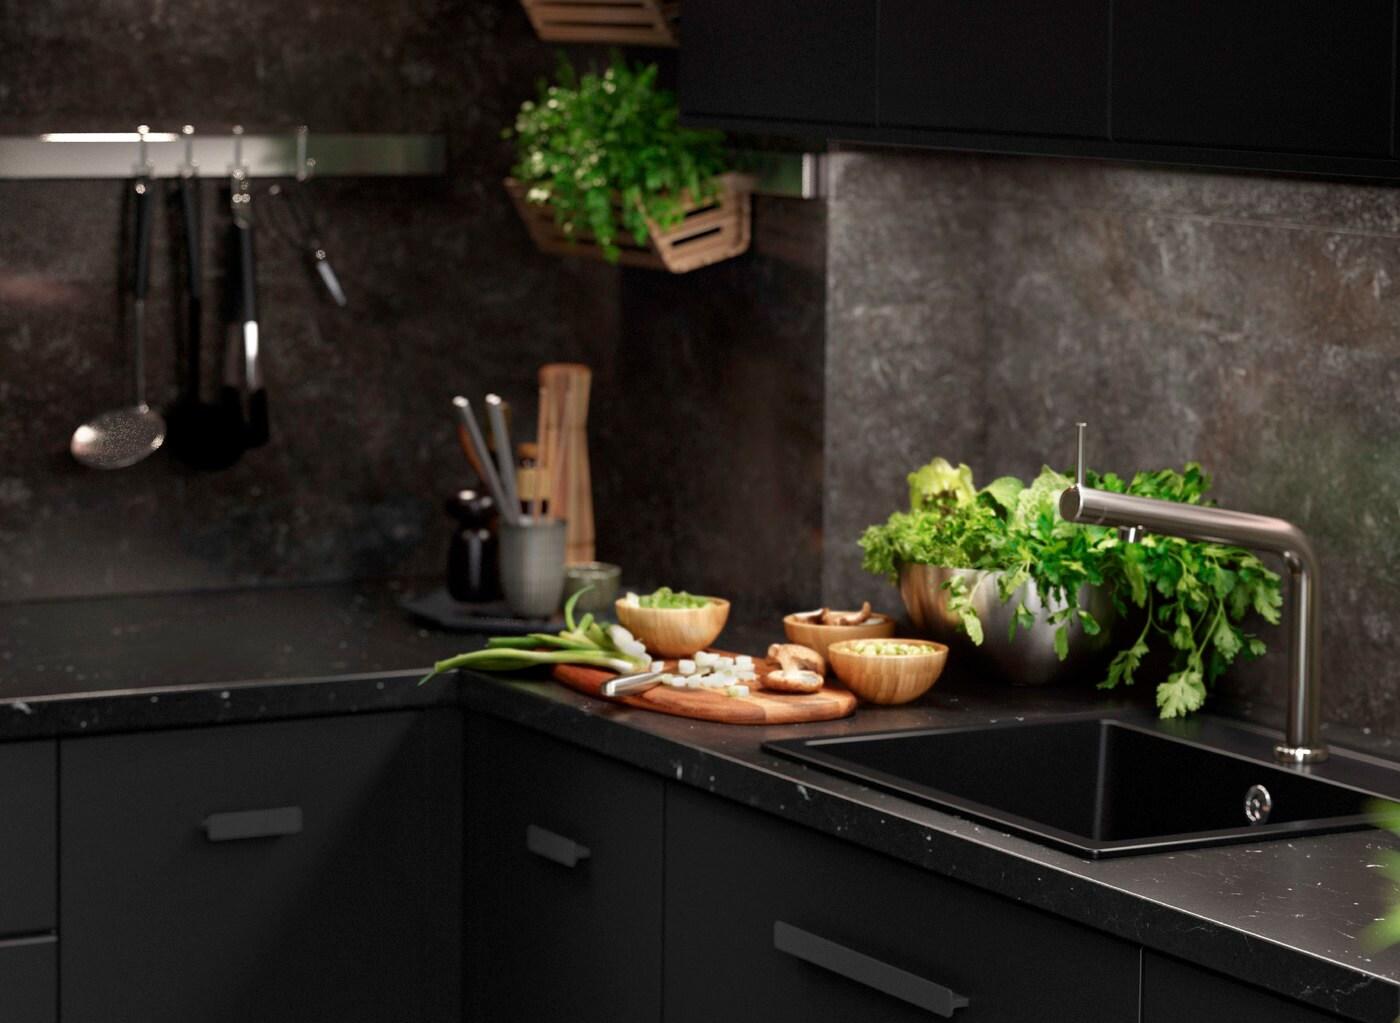 Cuisine KUNGSBACKA noire avec des éléments inspirés du marbre, des ustensiles de cuisine et des herbes aromatiques.